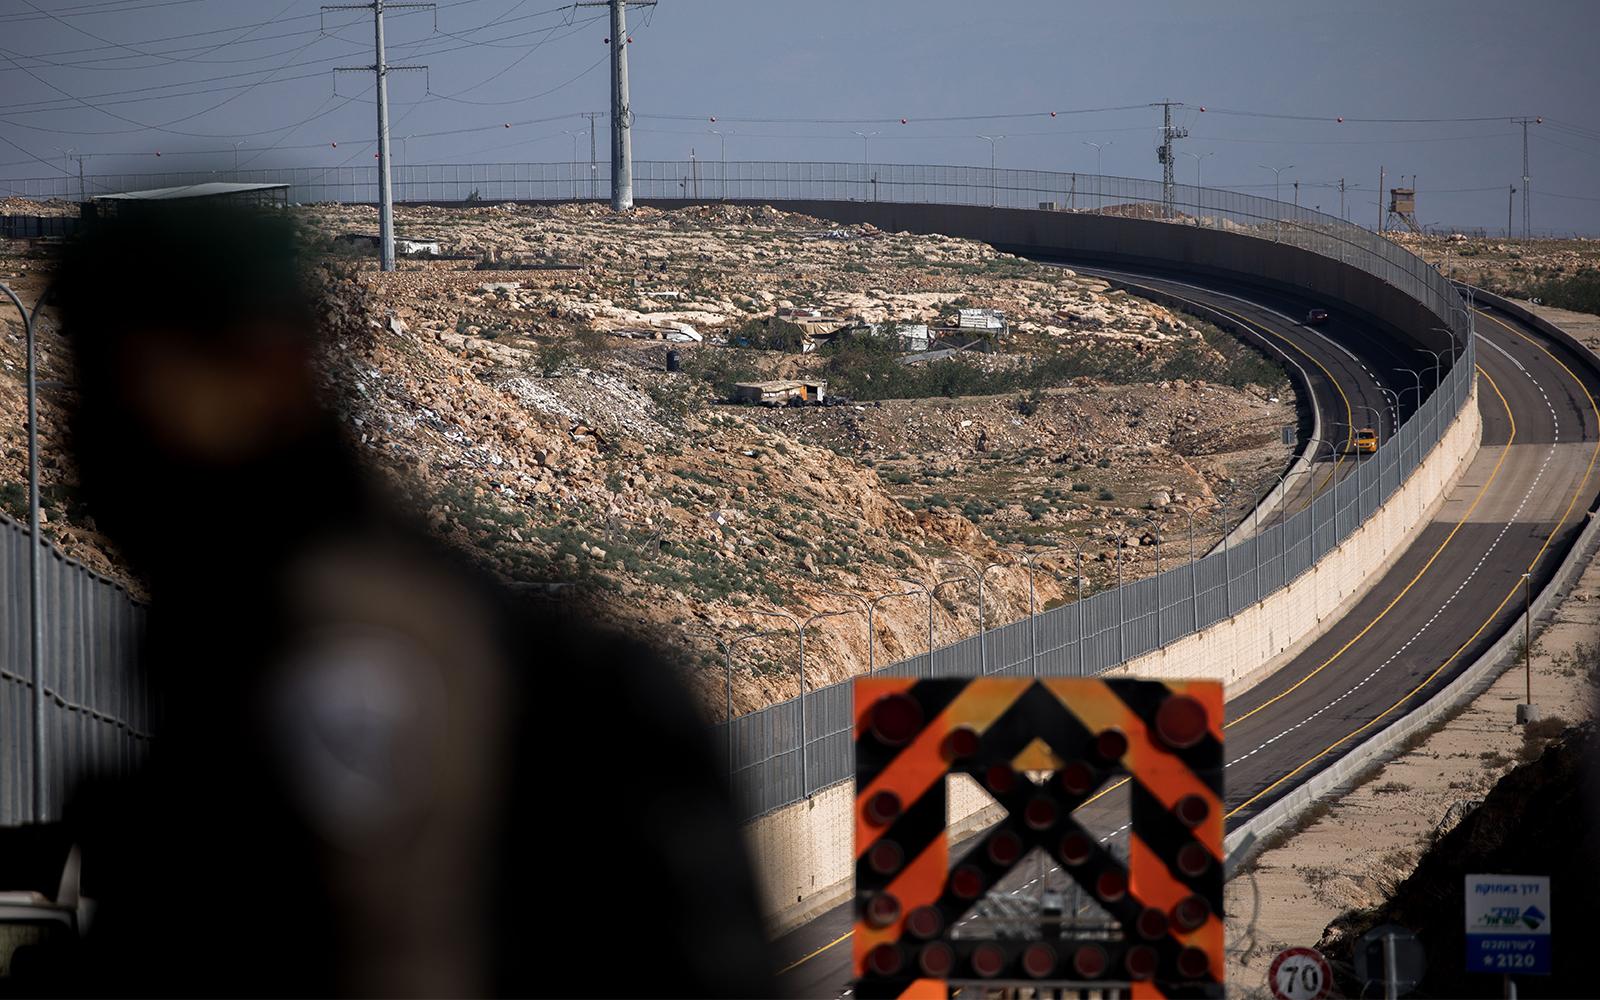 isra l ouvre une route avec un mur s parant le trafic isra lien et palestinien the times of isra l. Black Bedroom Furniture Sets. Home Design Ideas